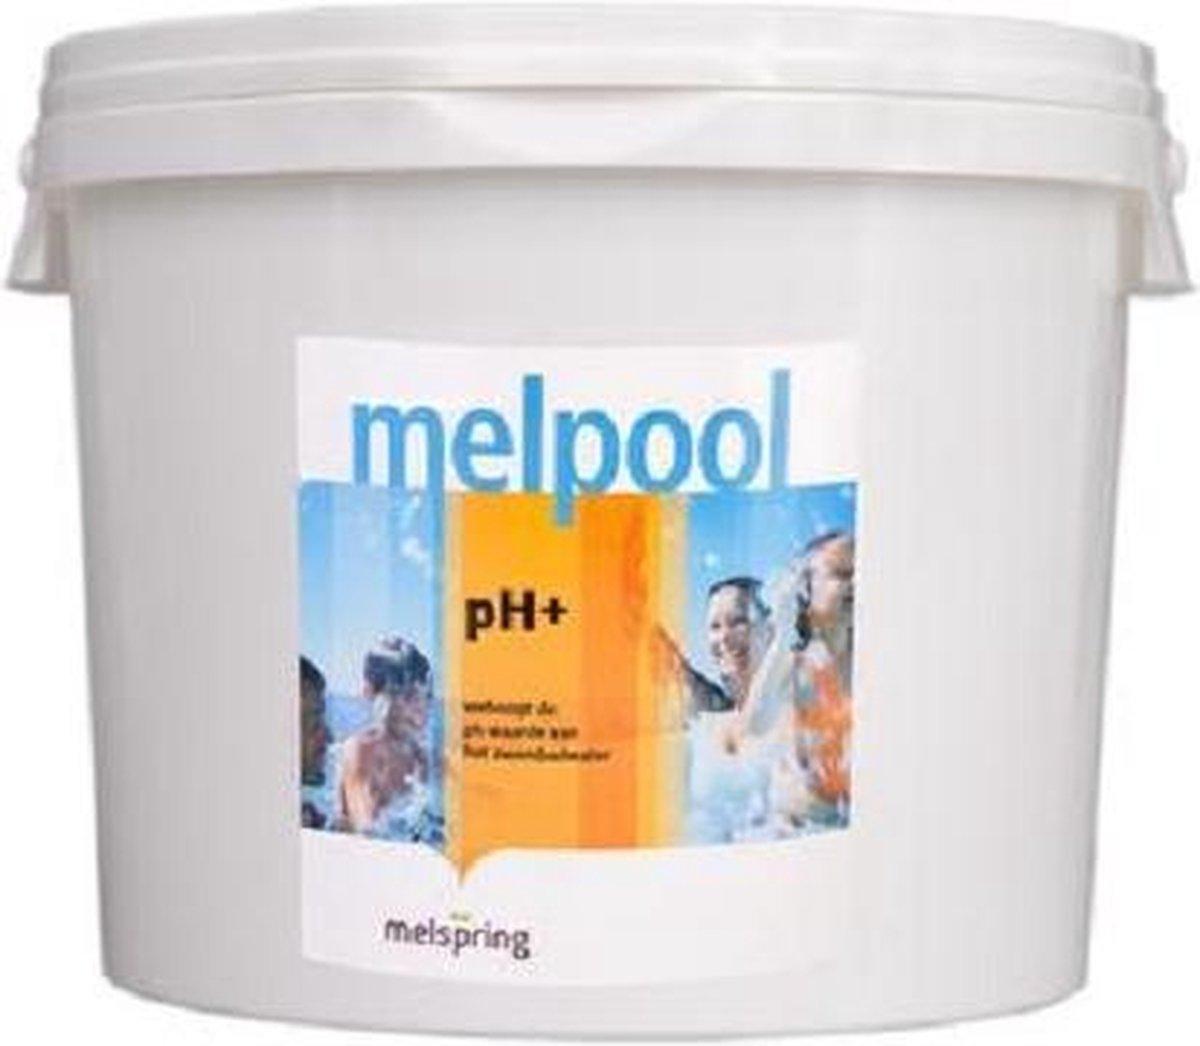 Melpool pH plus, 5 kilo